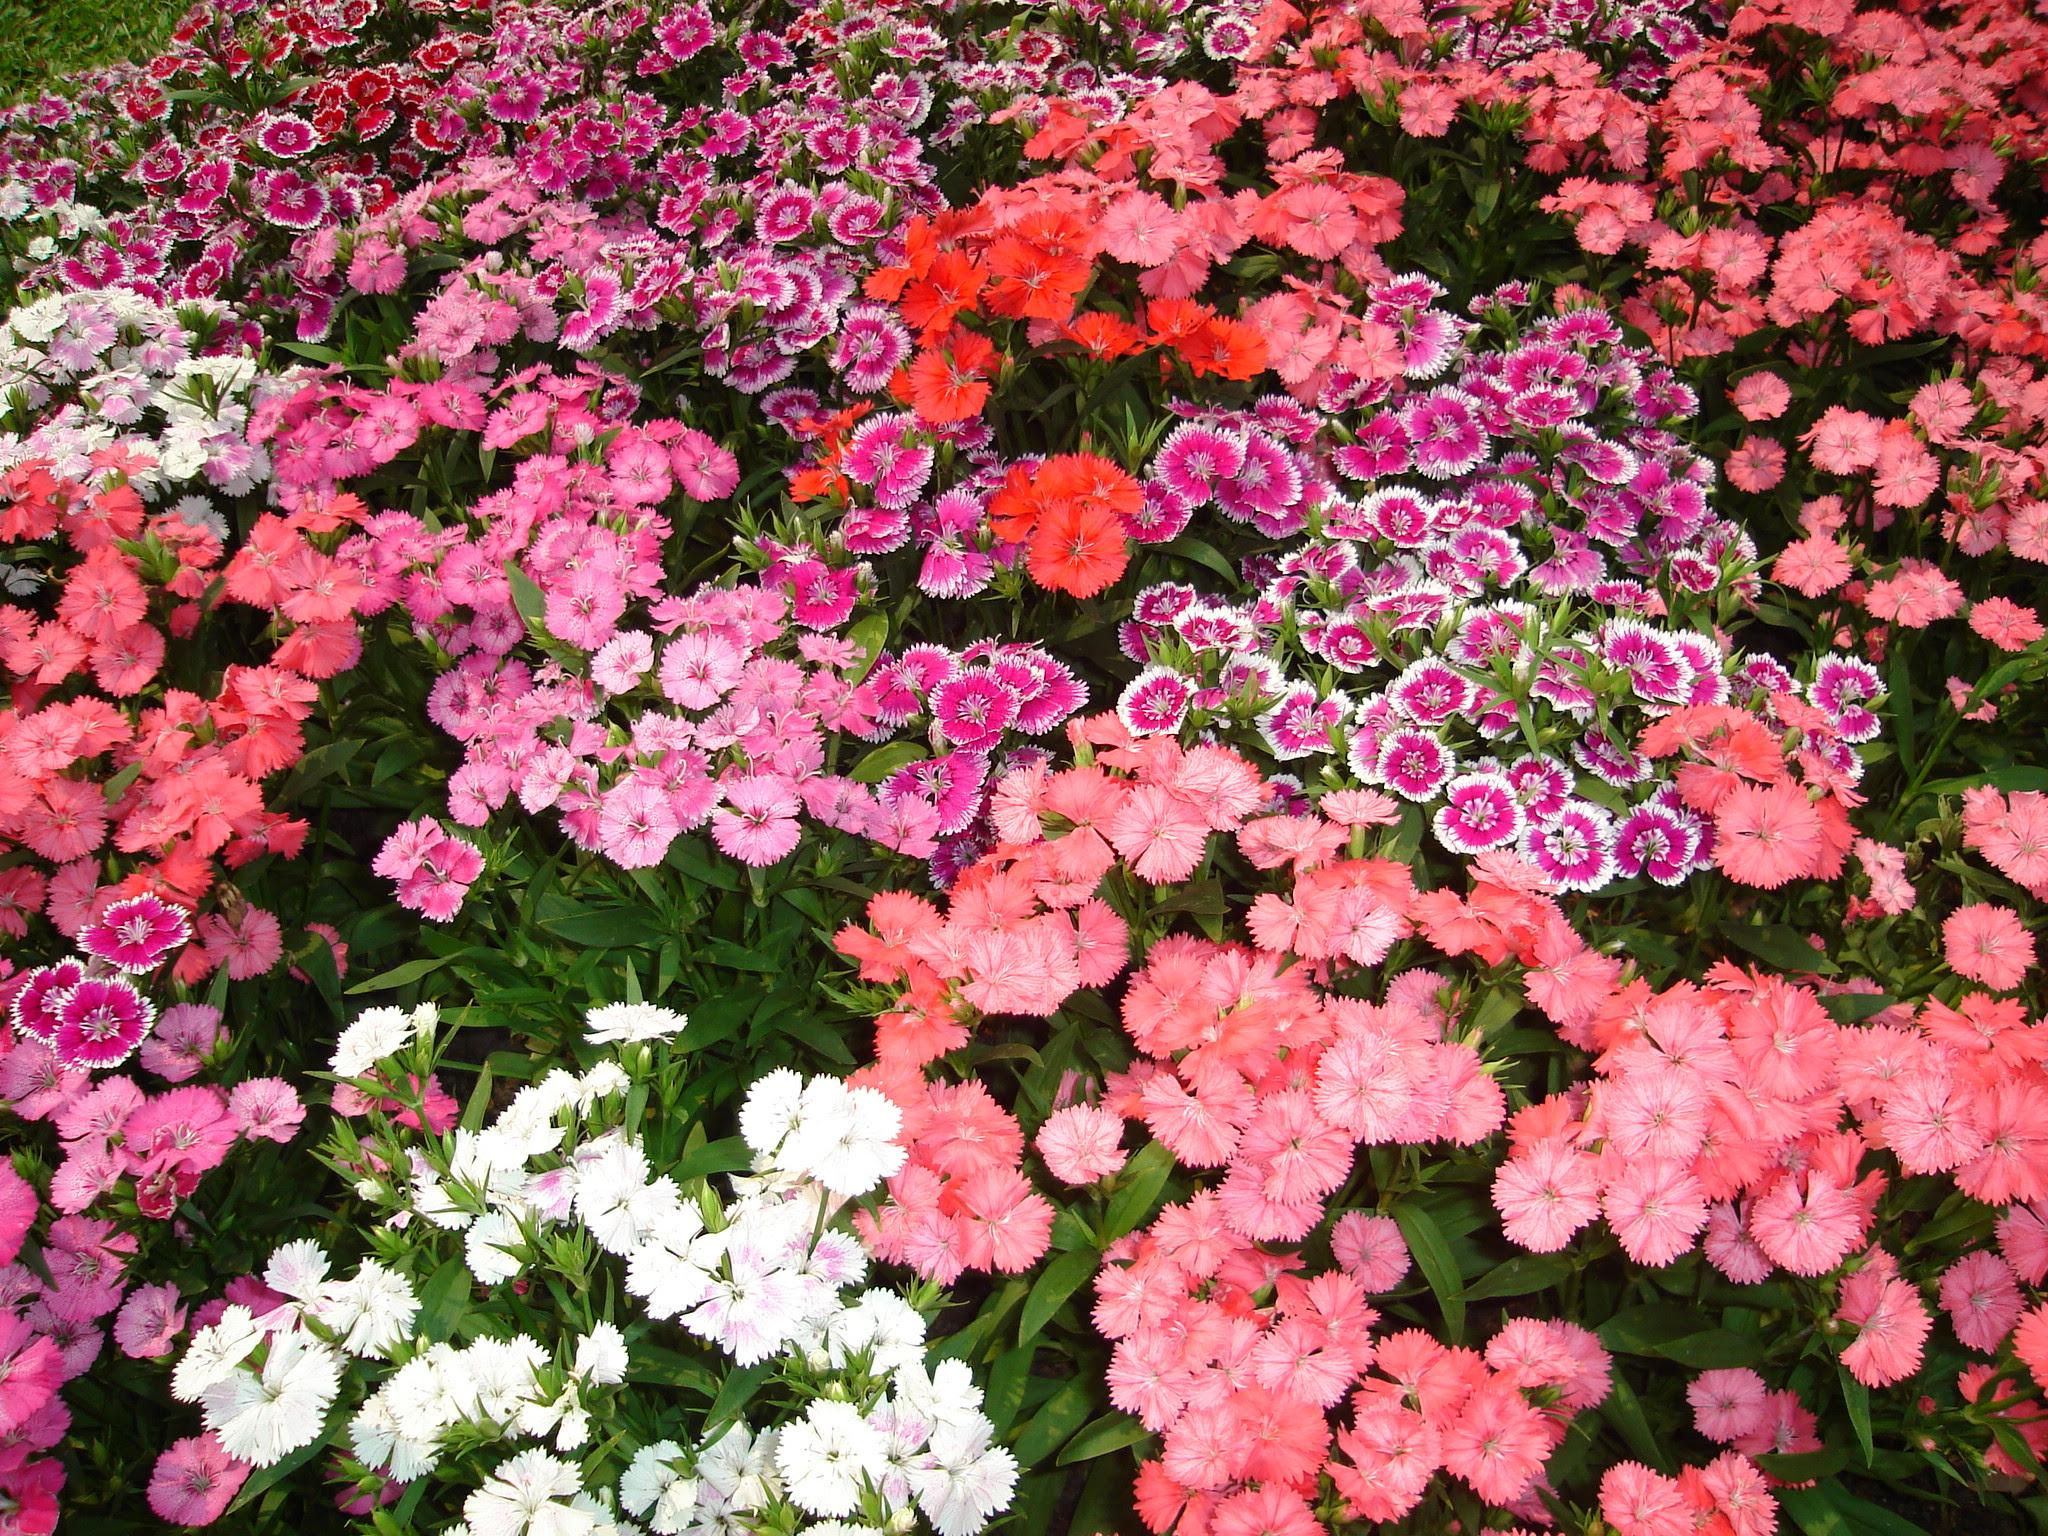 Description Flower garden found in Tak Thailand 1.jpg